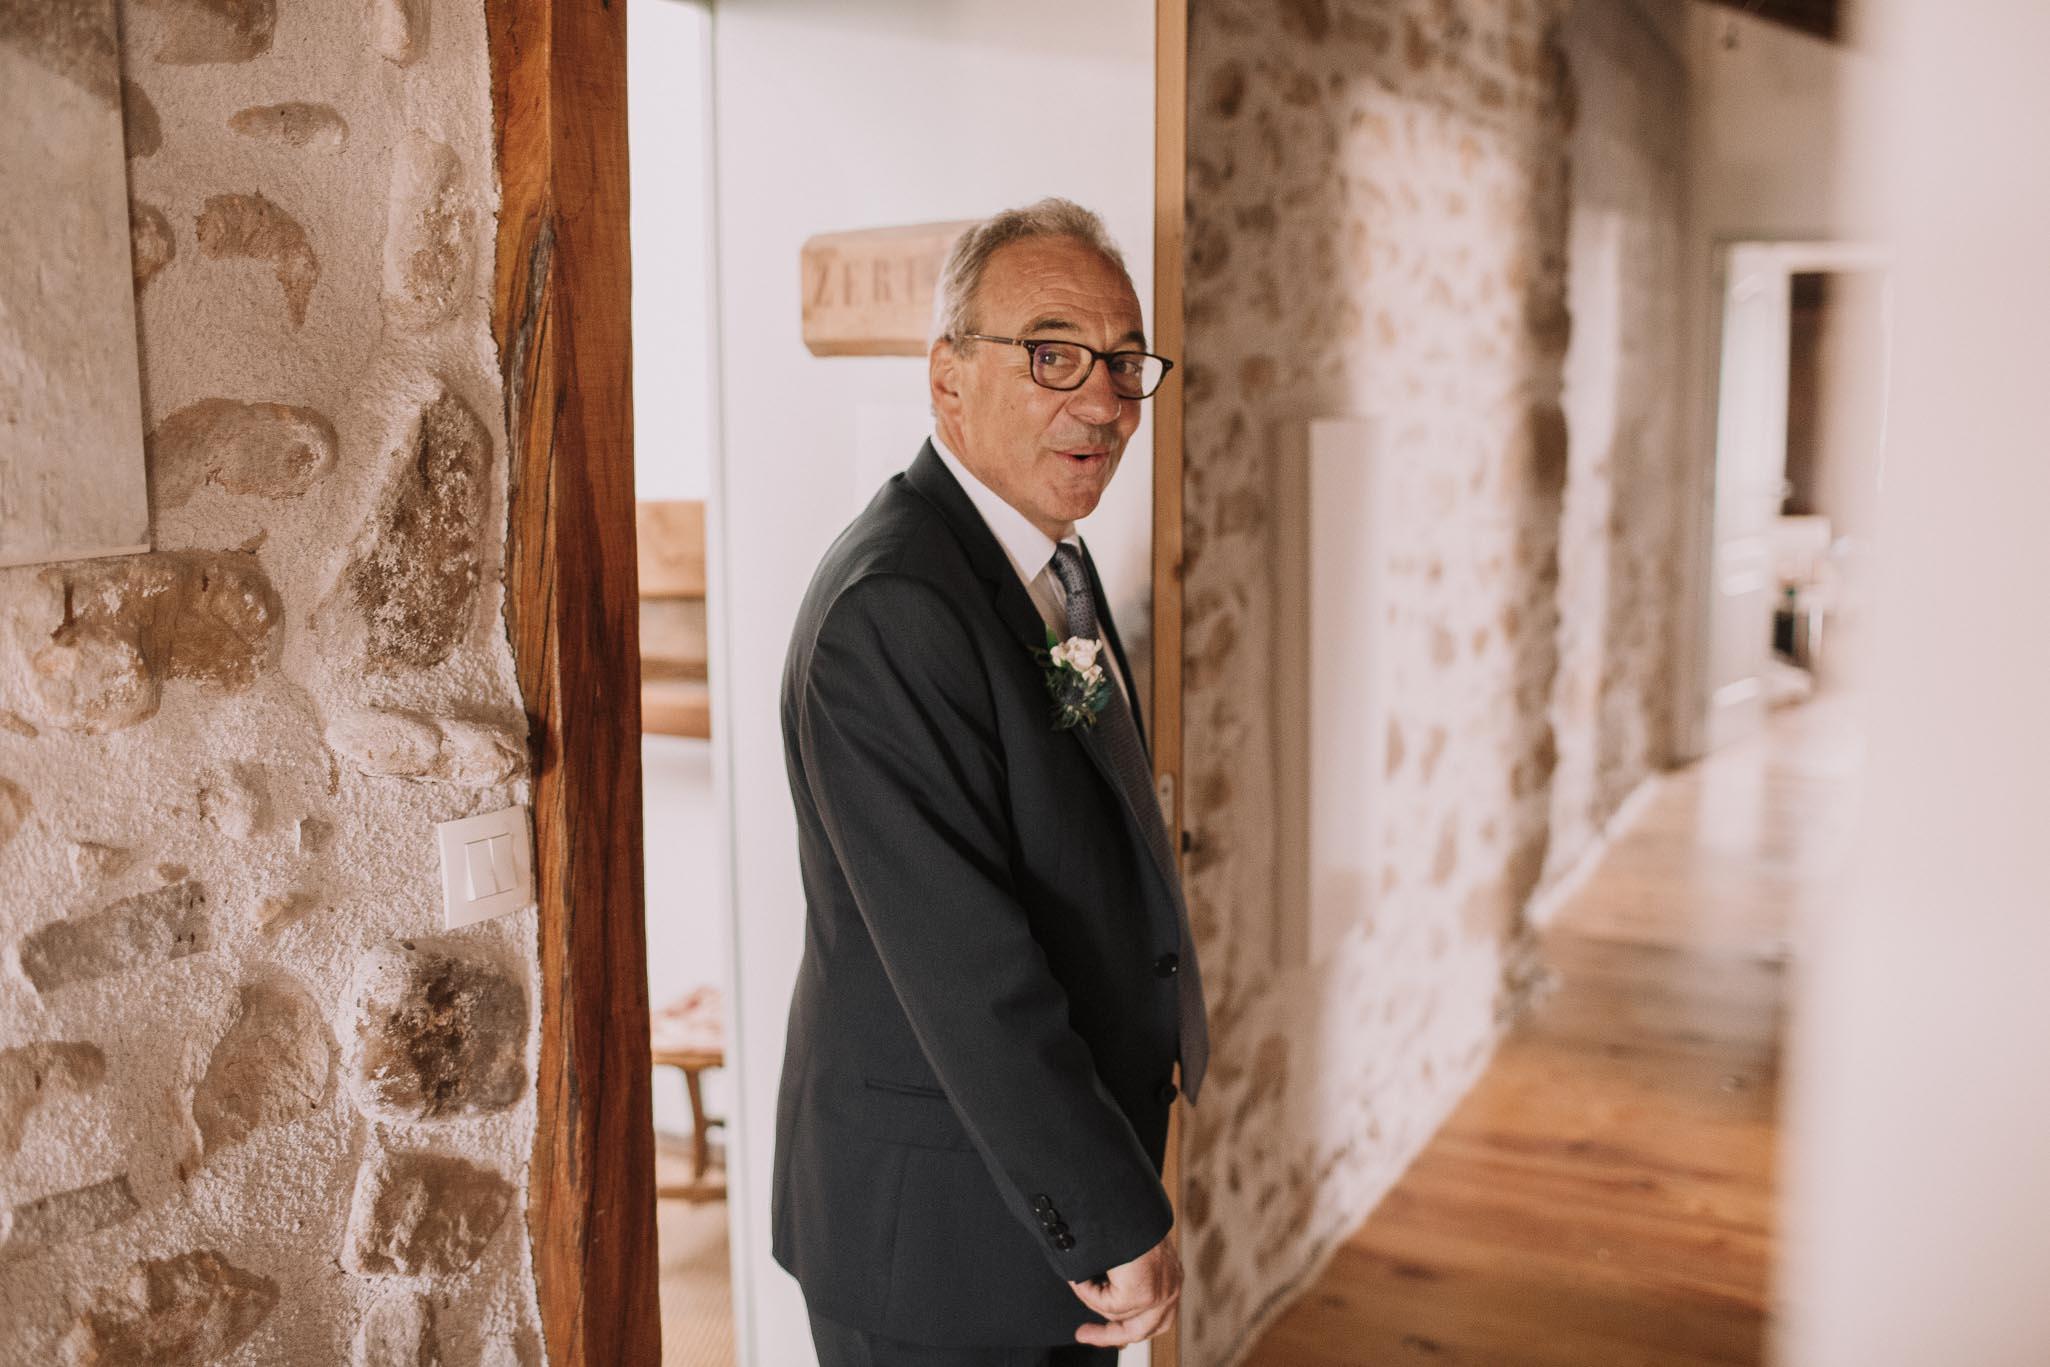 Photographe-mariage-bordeaux-jeremy-boyer-pays-basque-ihartze-artea-sare-robe-eleonore-pauc-couple-amour-45.jpg